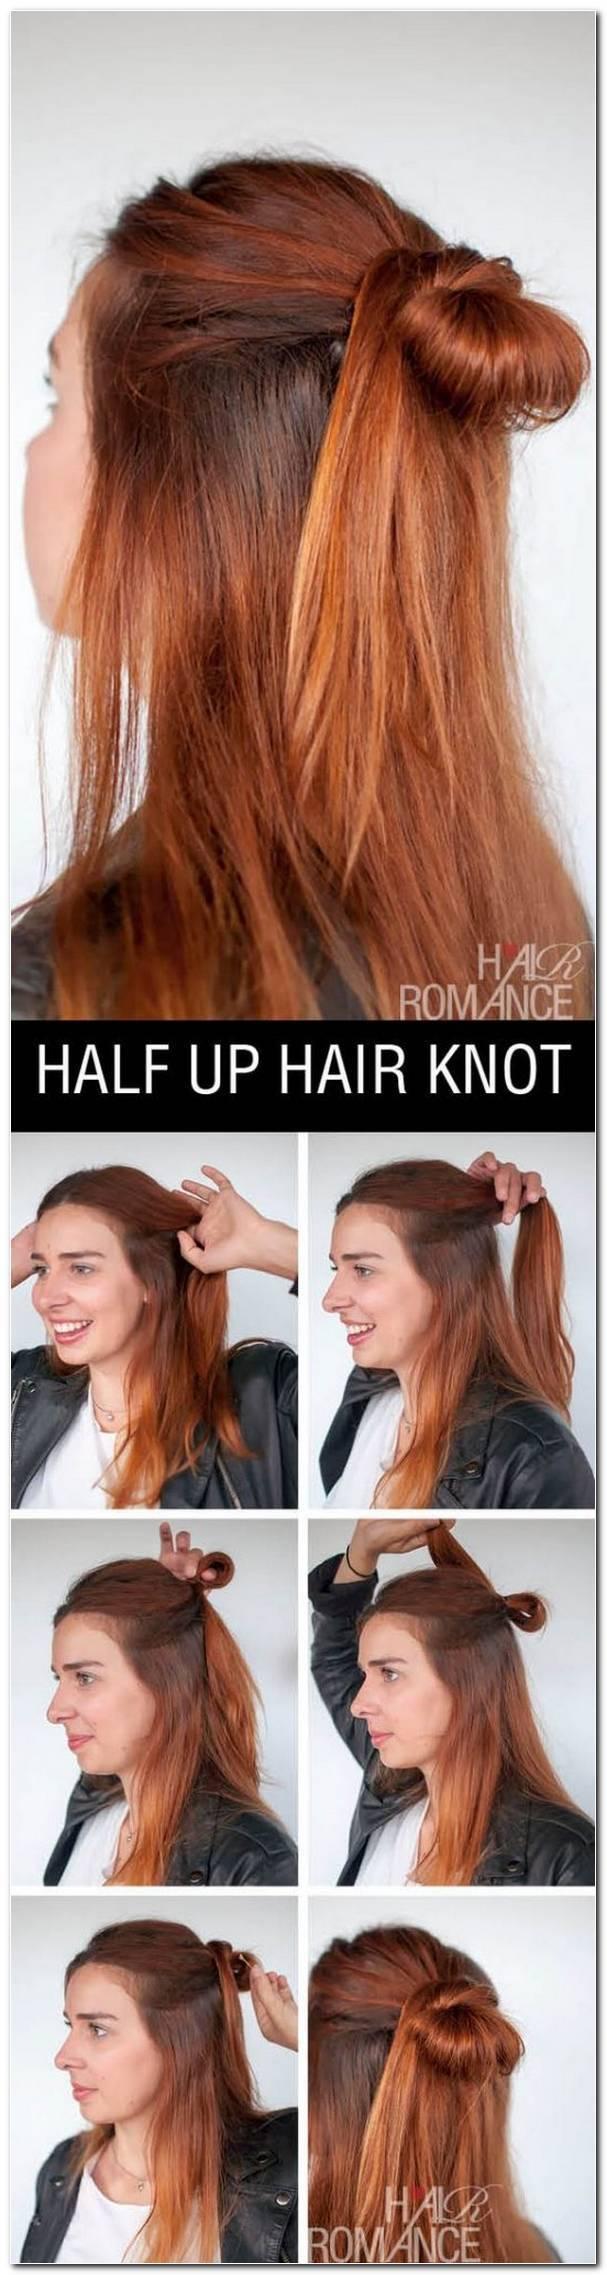 Grunge Style Frisuren